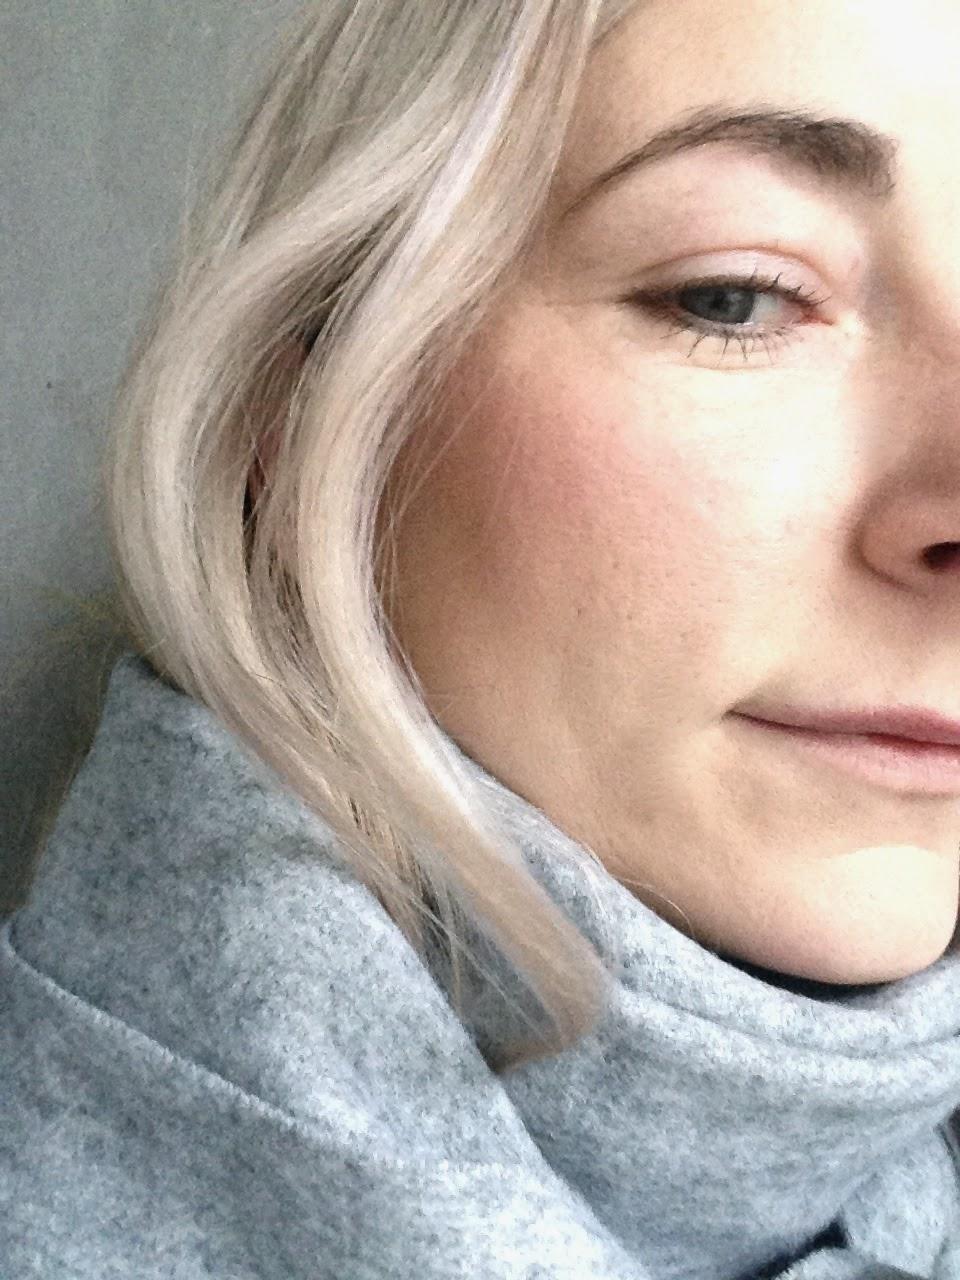 Wool Scarf, H&M Premium Quality, Grey